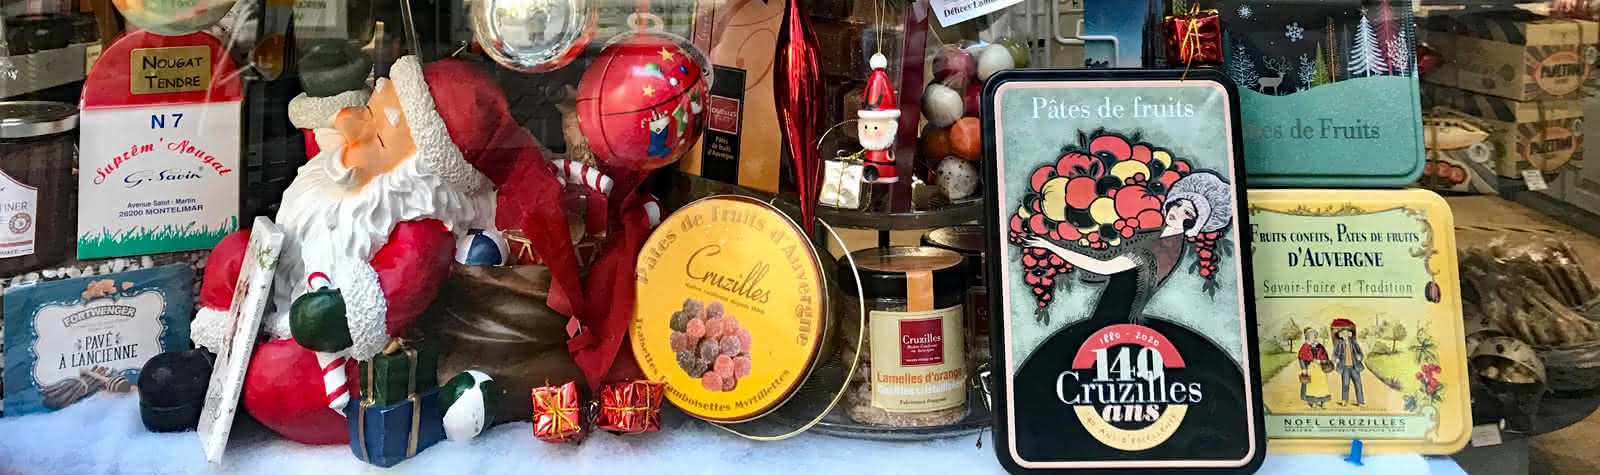 Vitrine de Noël avec produits locaux